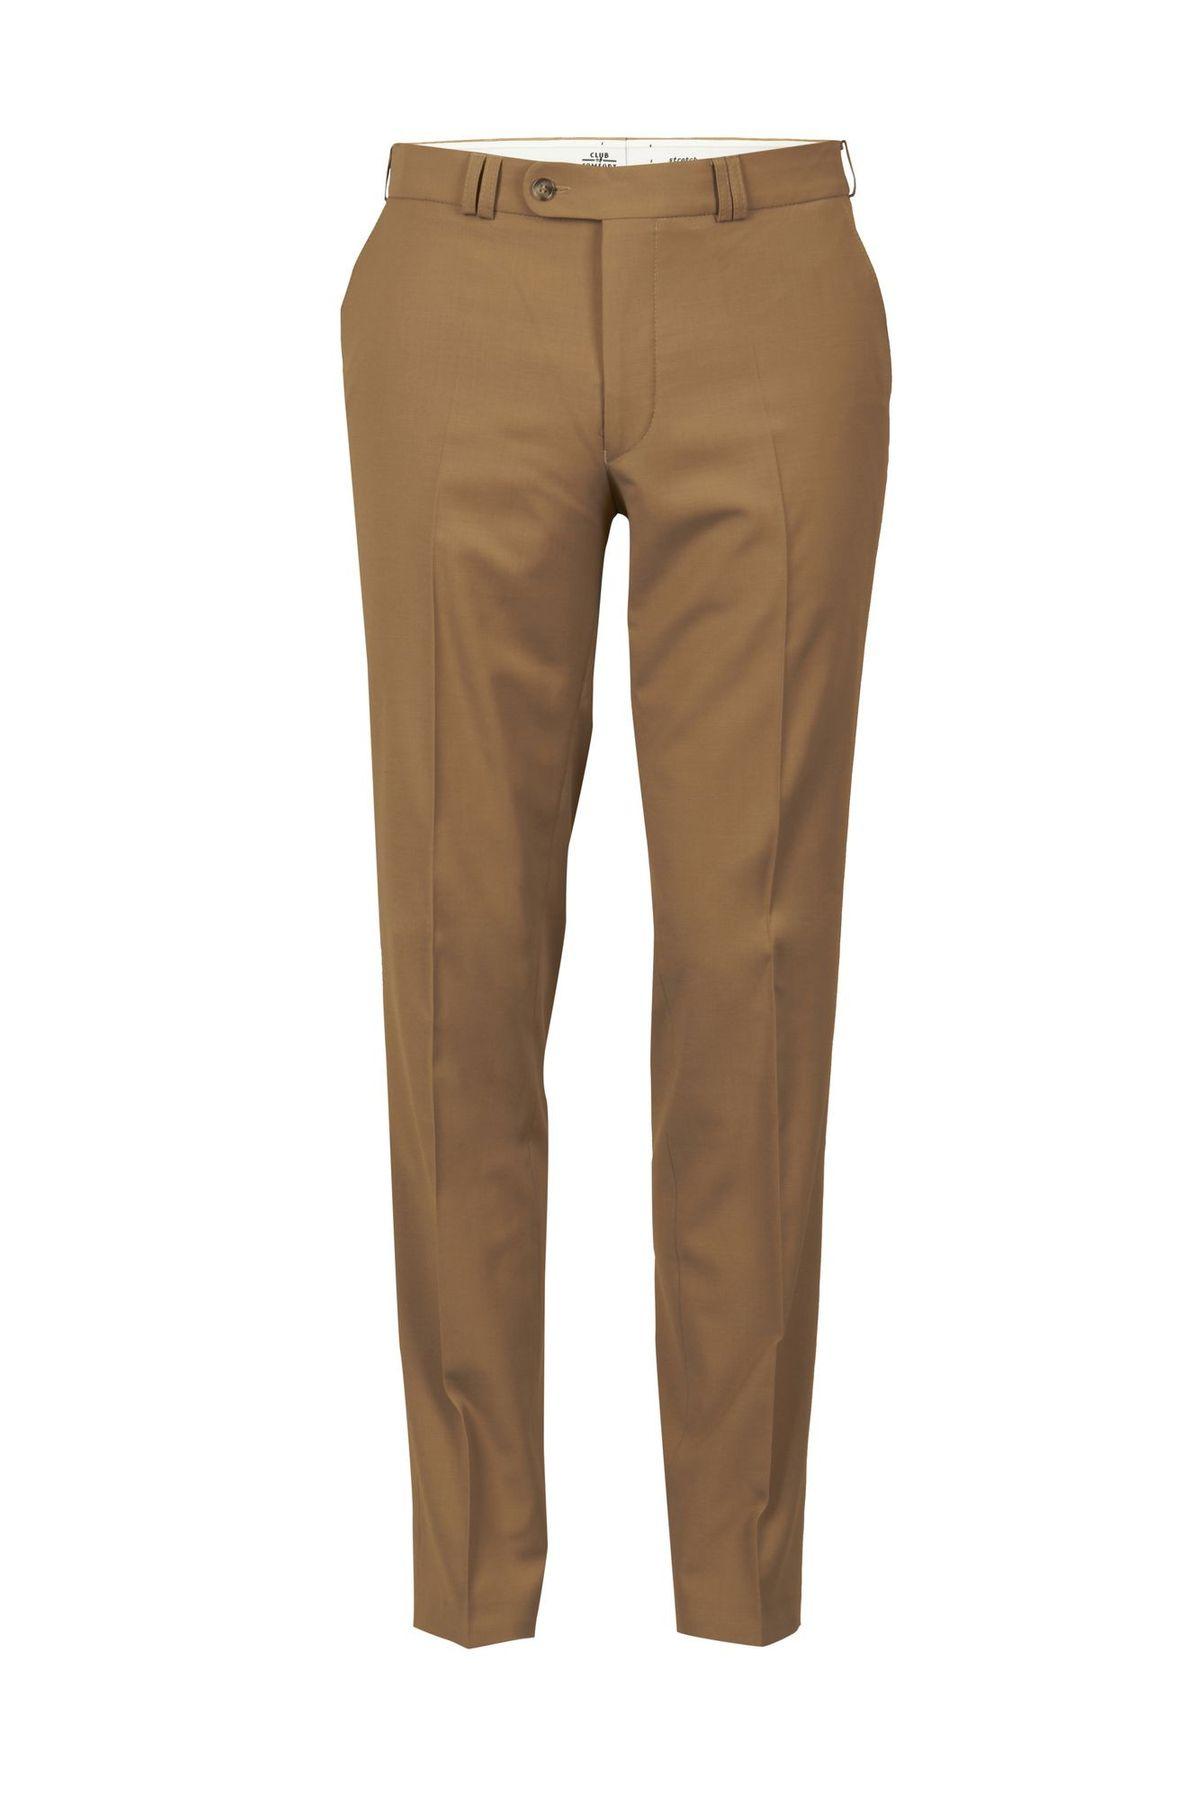 Club of Comfort - Herren Flat Front Hose mit Schurwolle in sechs Farben, Santos (4118) – Bild 7